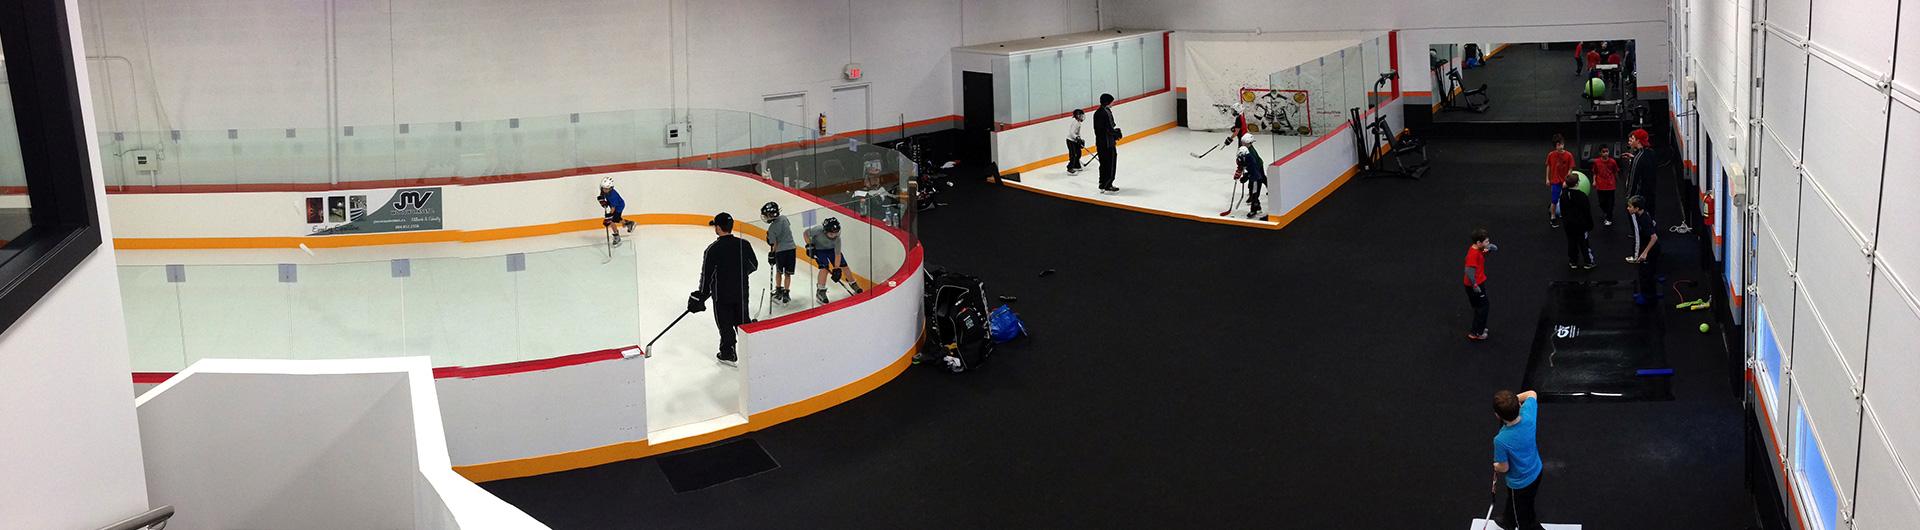 Pista de Hockey sobre Hielo Sintético Xtraice